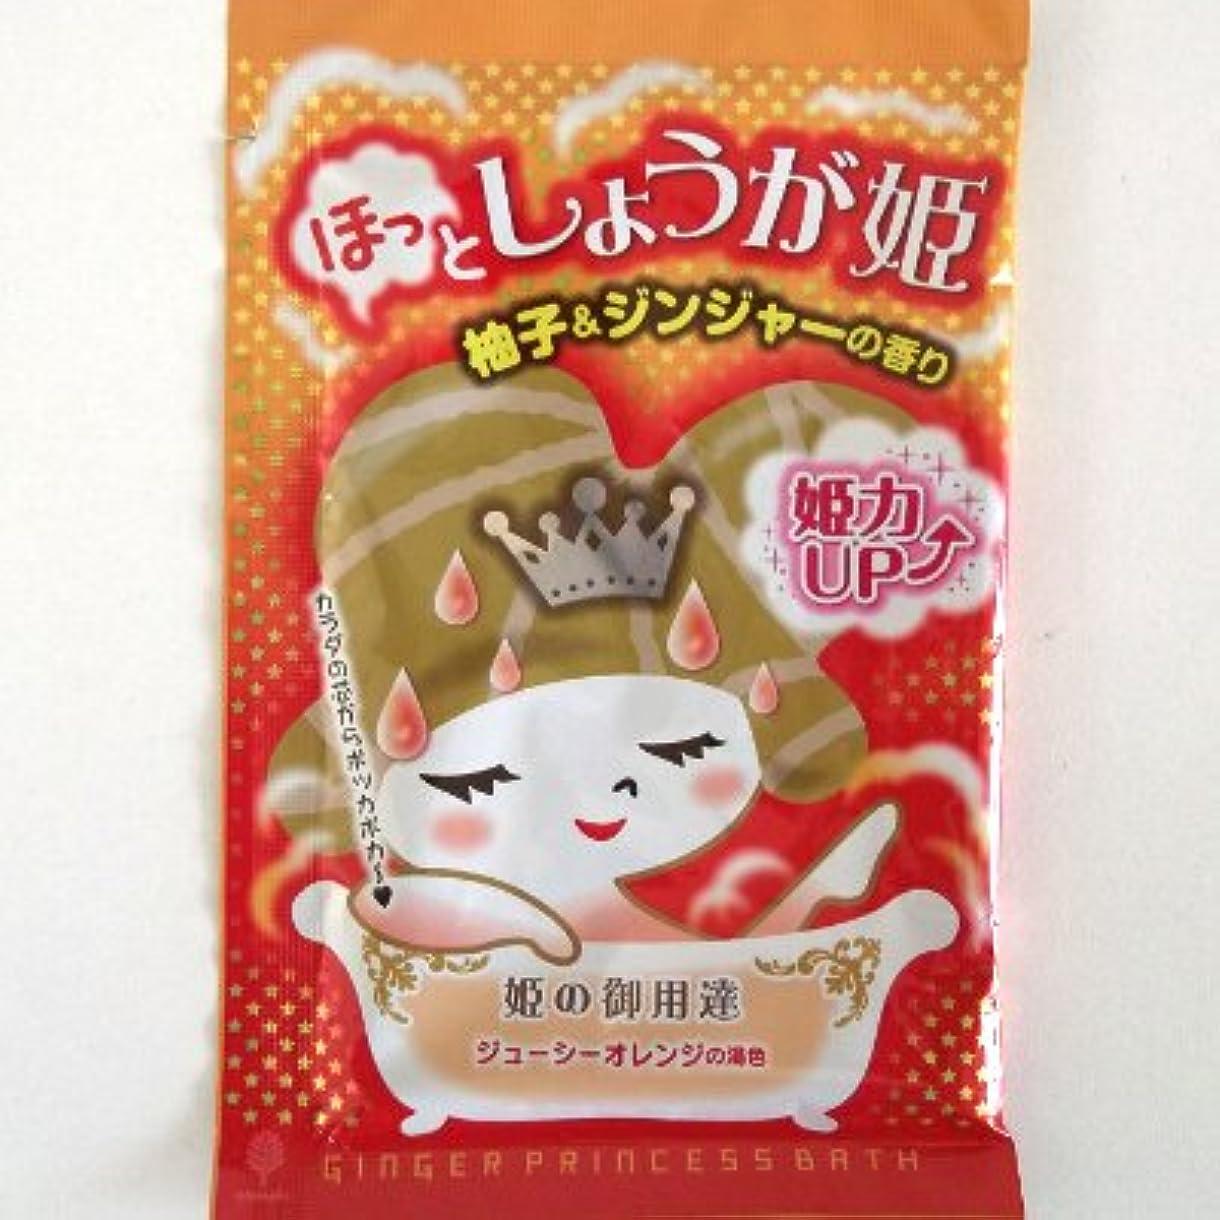 専制差し引くビバほっとしょうが姫 柚子&ジンジャーの香り